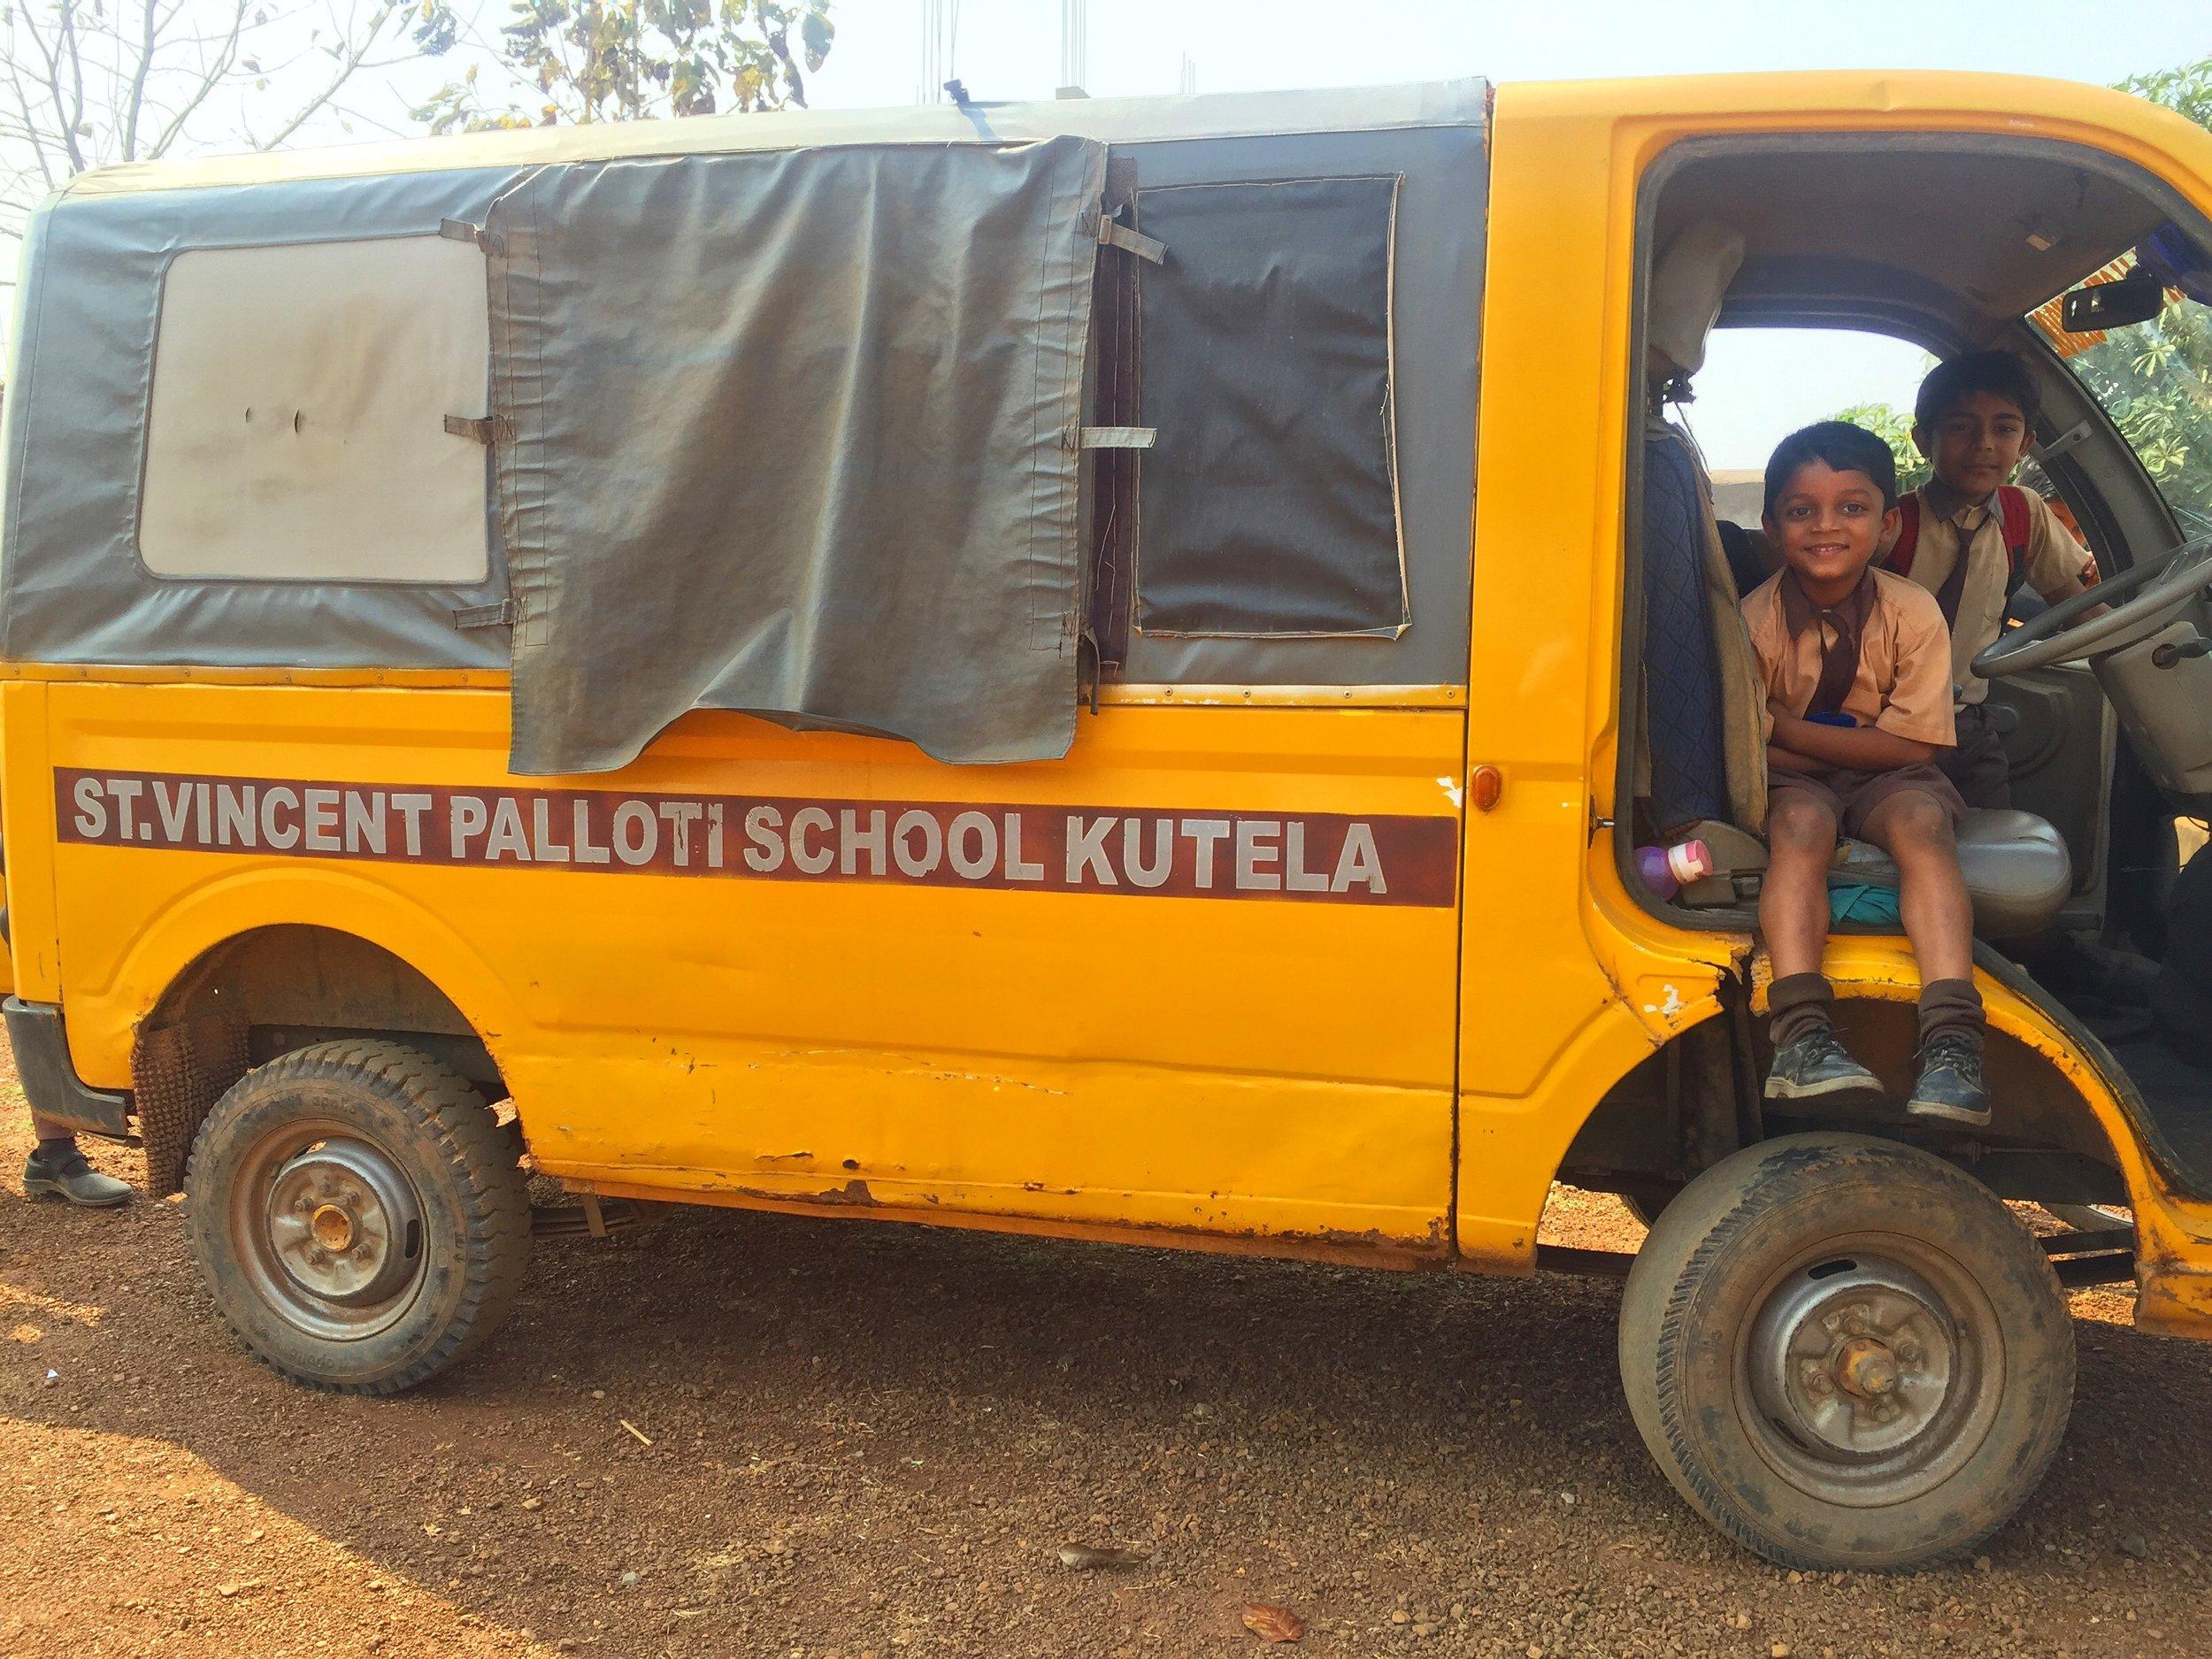 Kutela, India